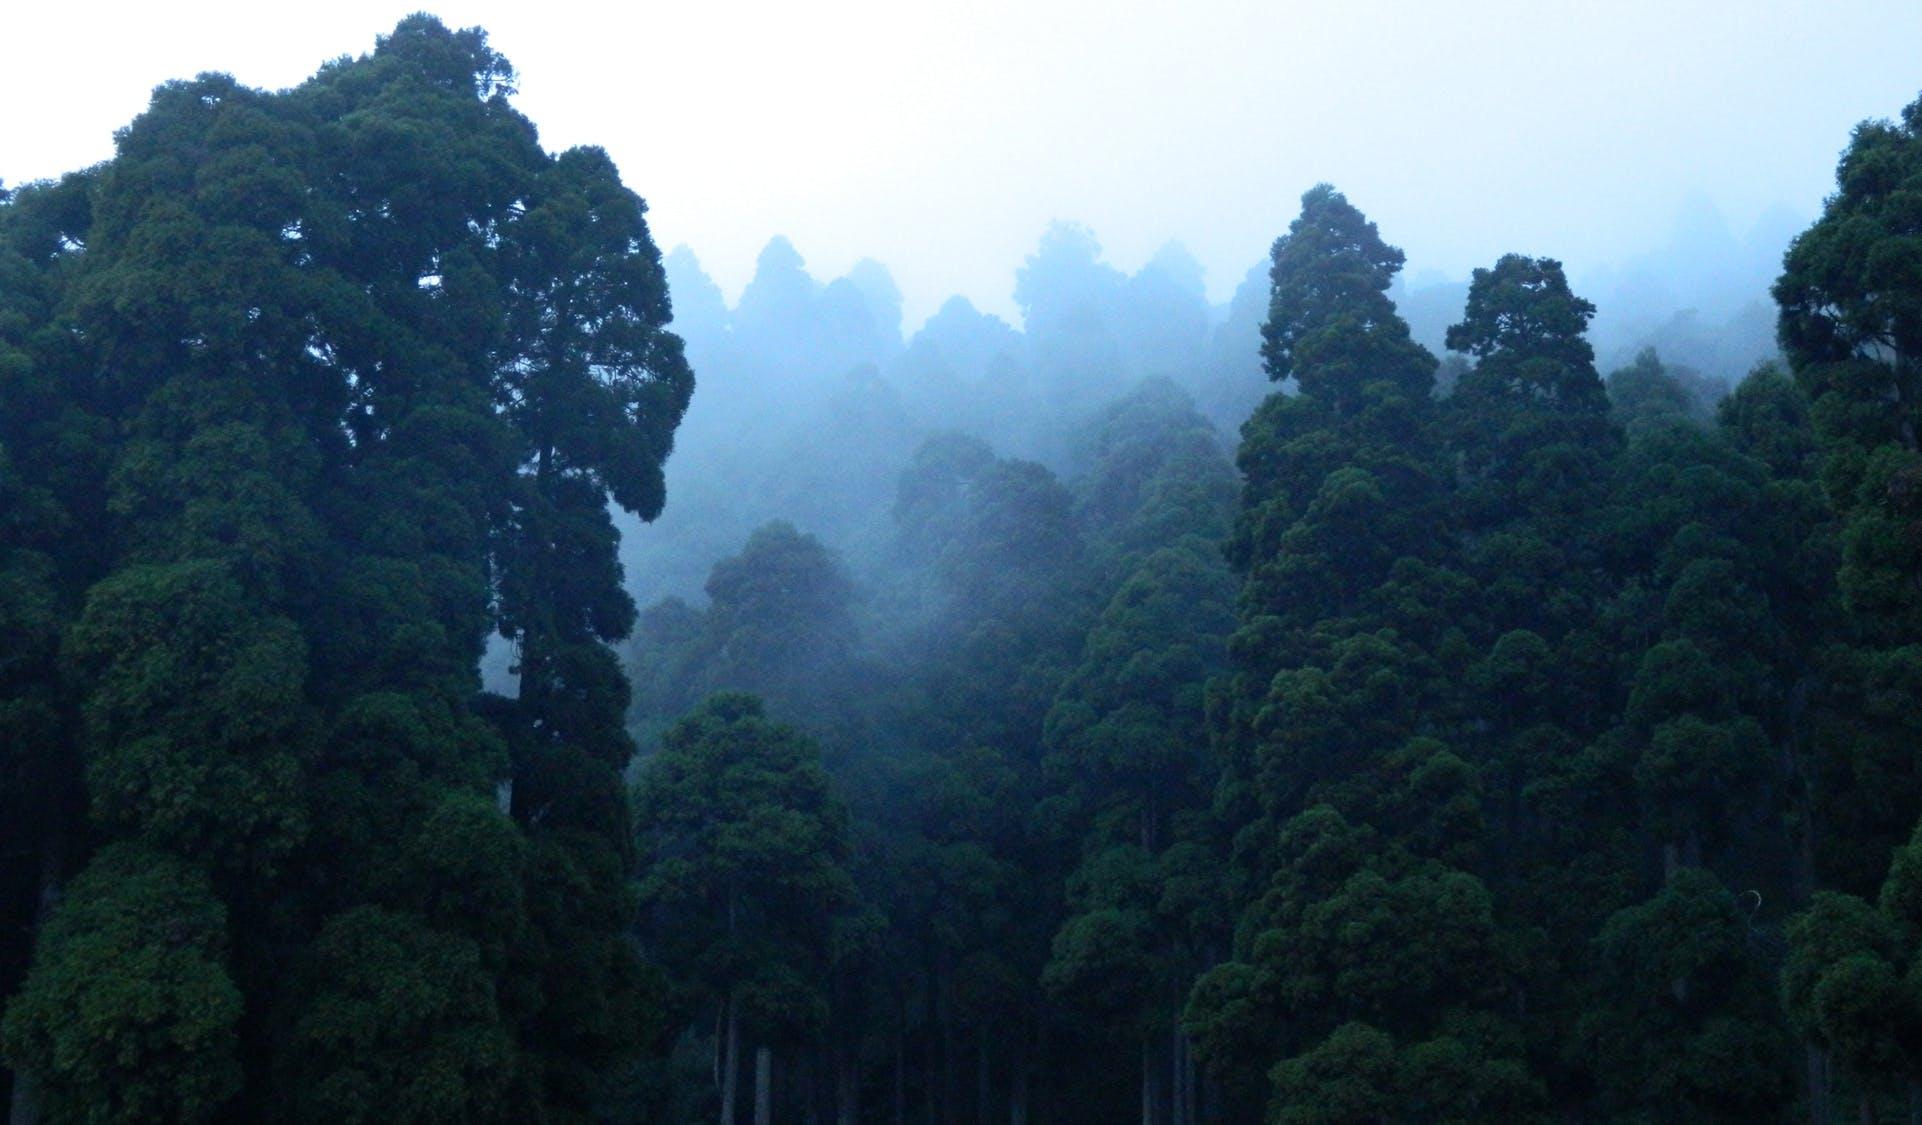 Kostenloses Stock Foto zu landschaft, natur, wolken, wald